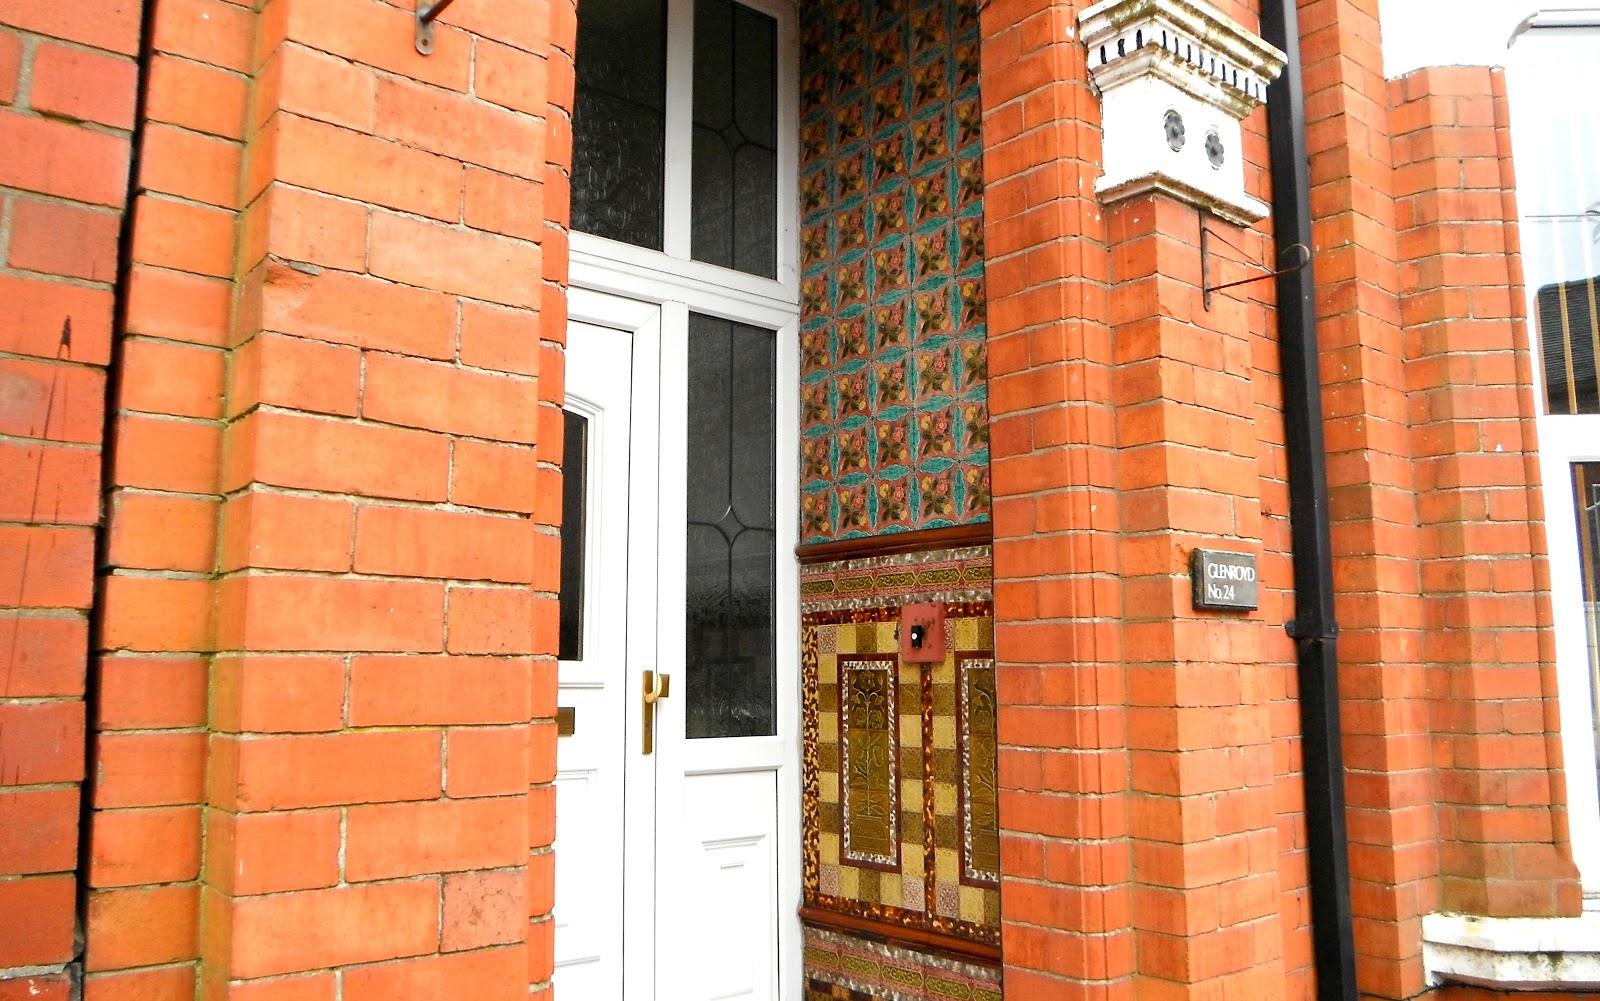 Porch of Glenroyd, Stanley St, Tunstall